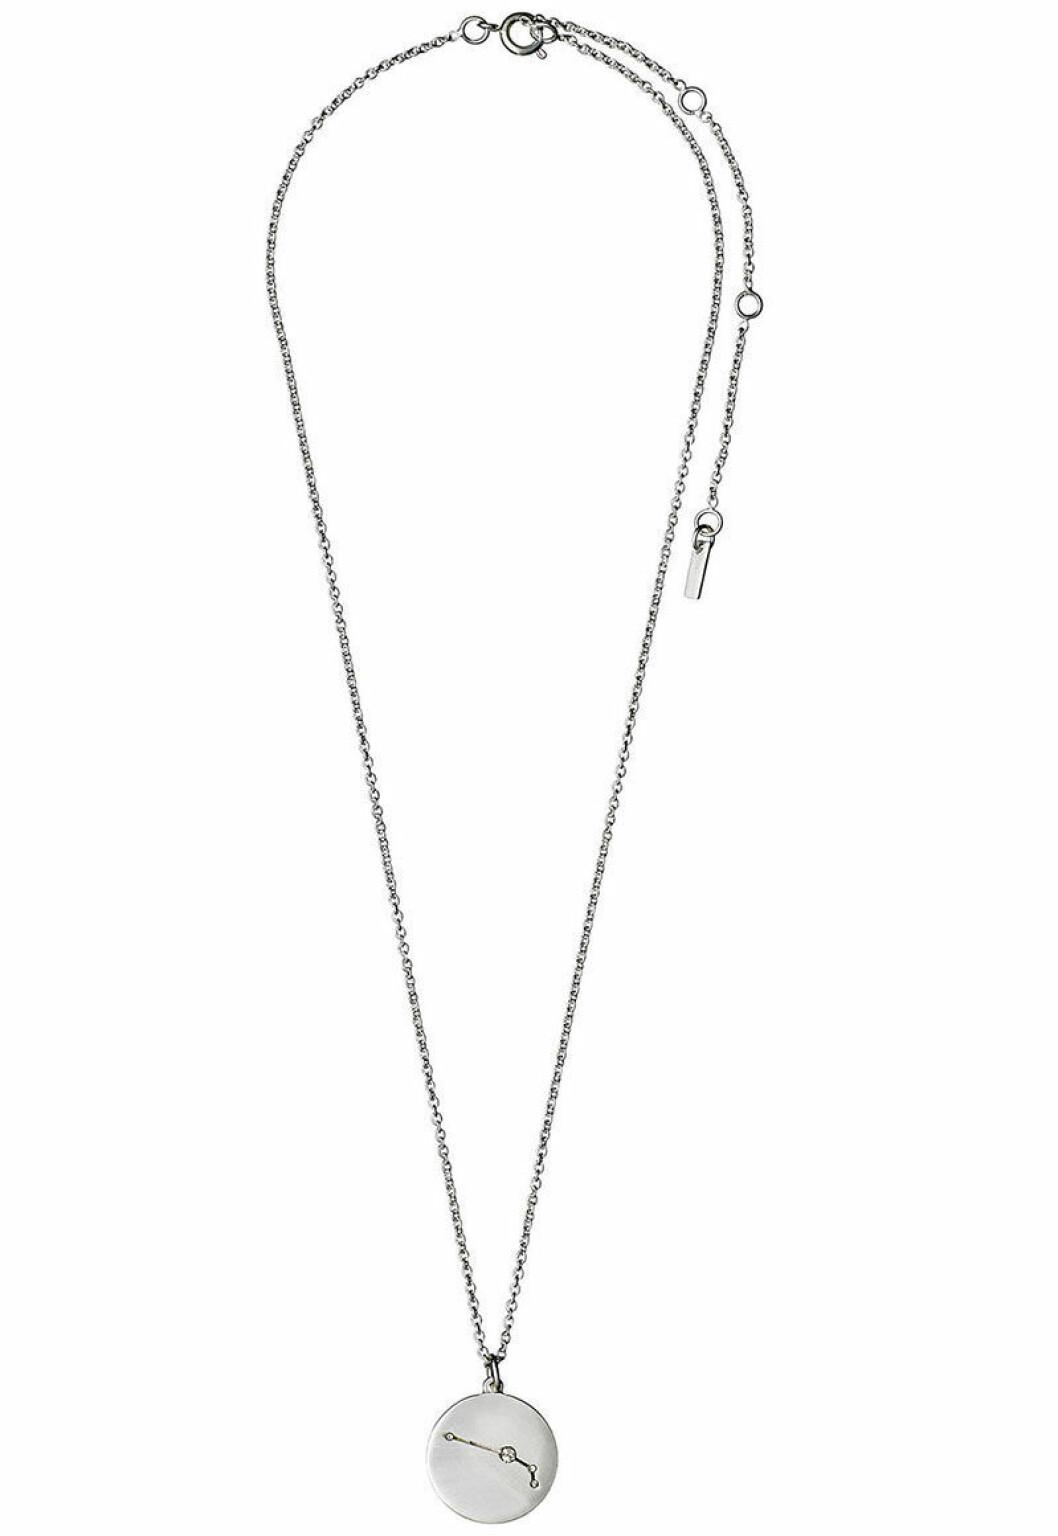 Pilgrim halsband med stjärntecknet väduren